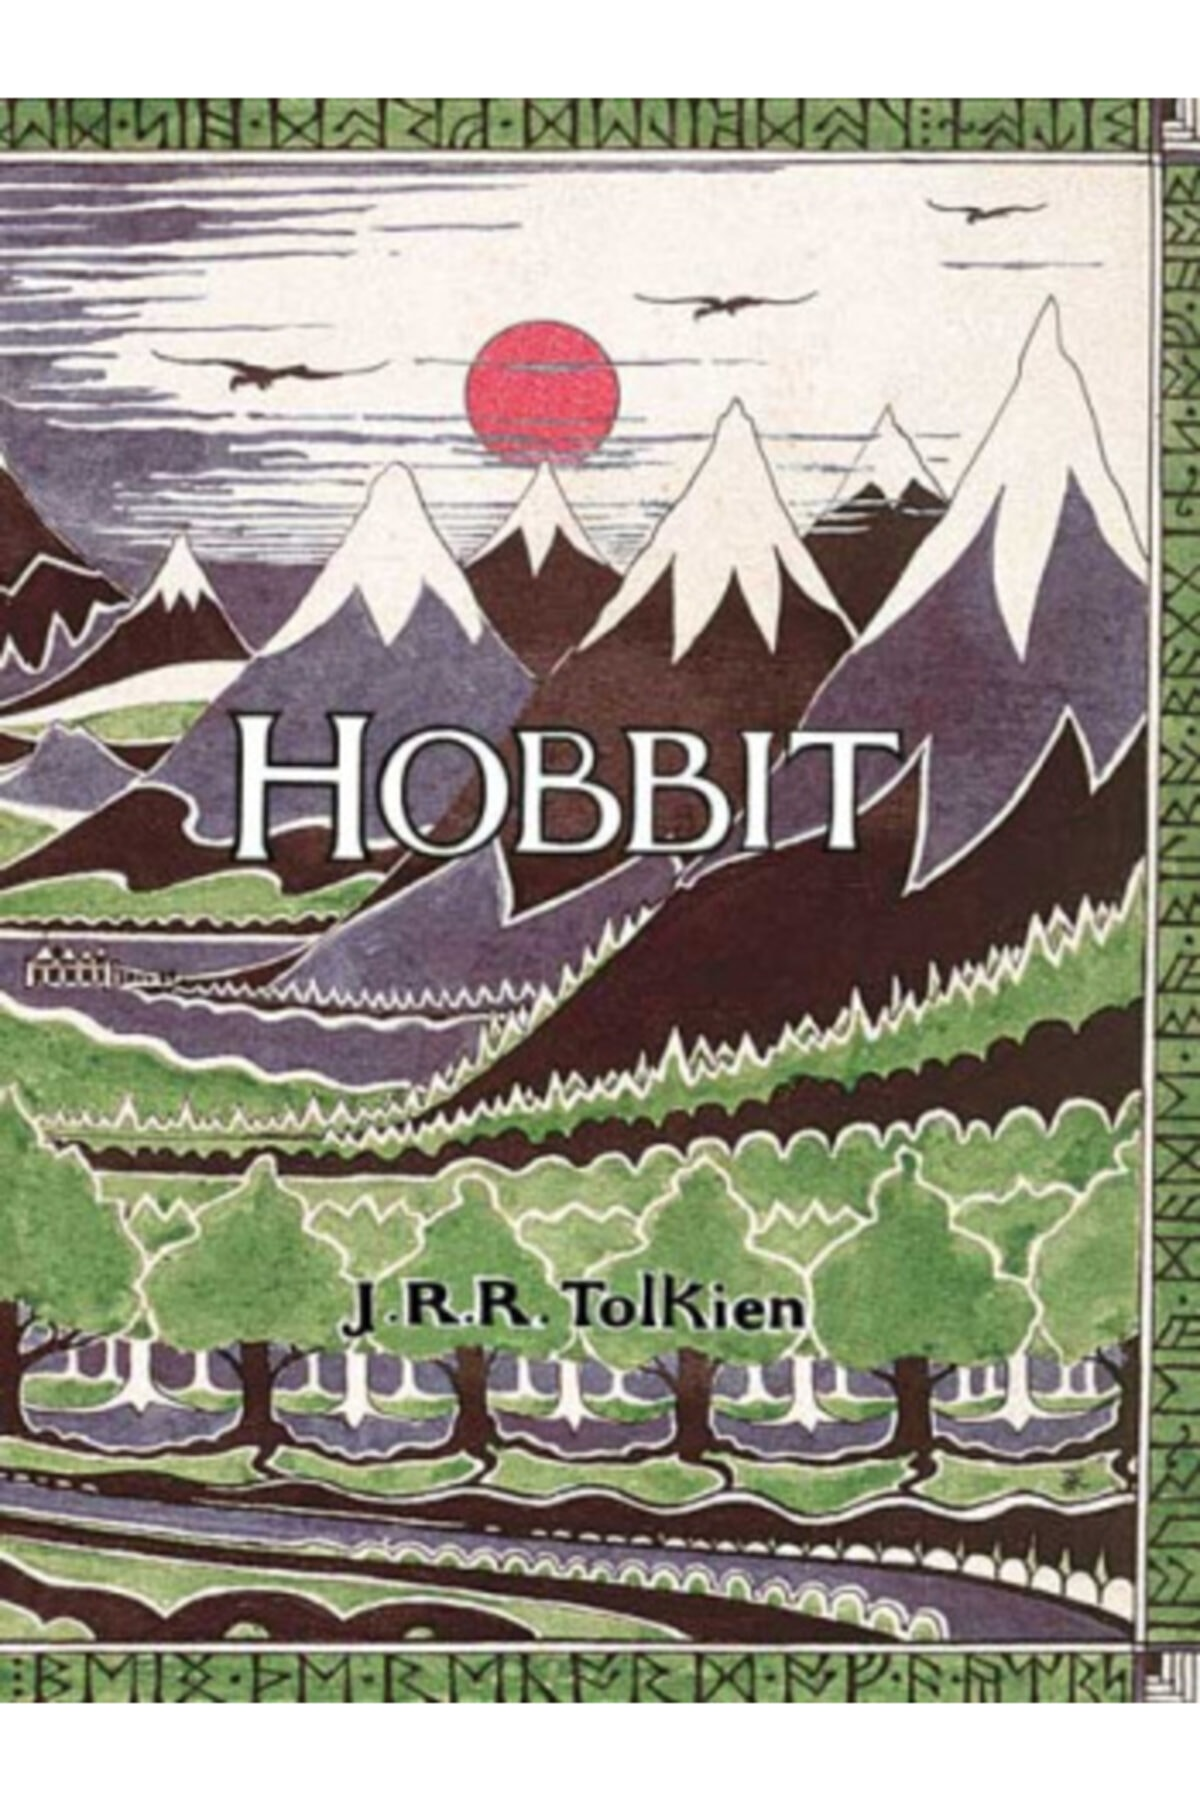 İthaki Yayınları Hobbit (özel,ciltli Baskı) - - J. R. R. Tolkien 1